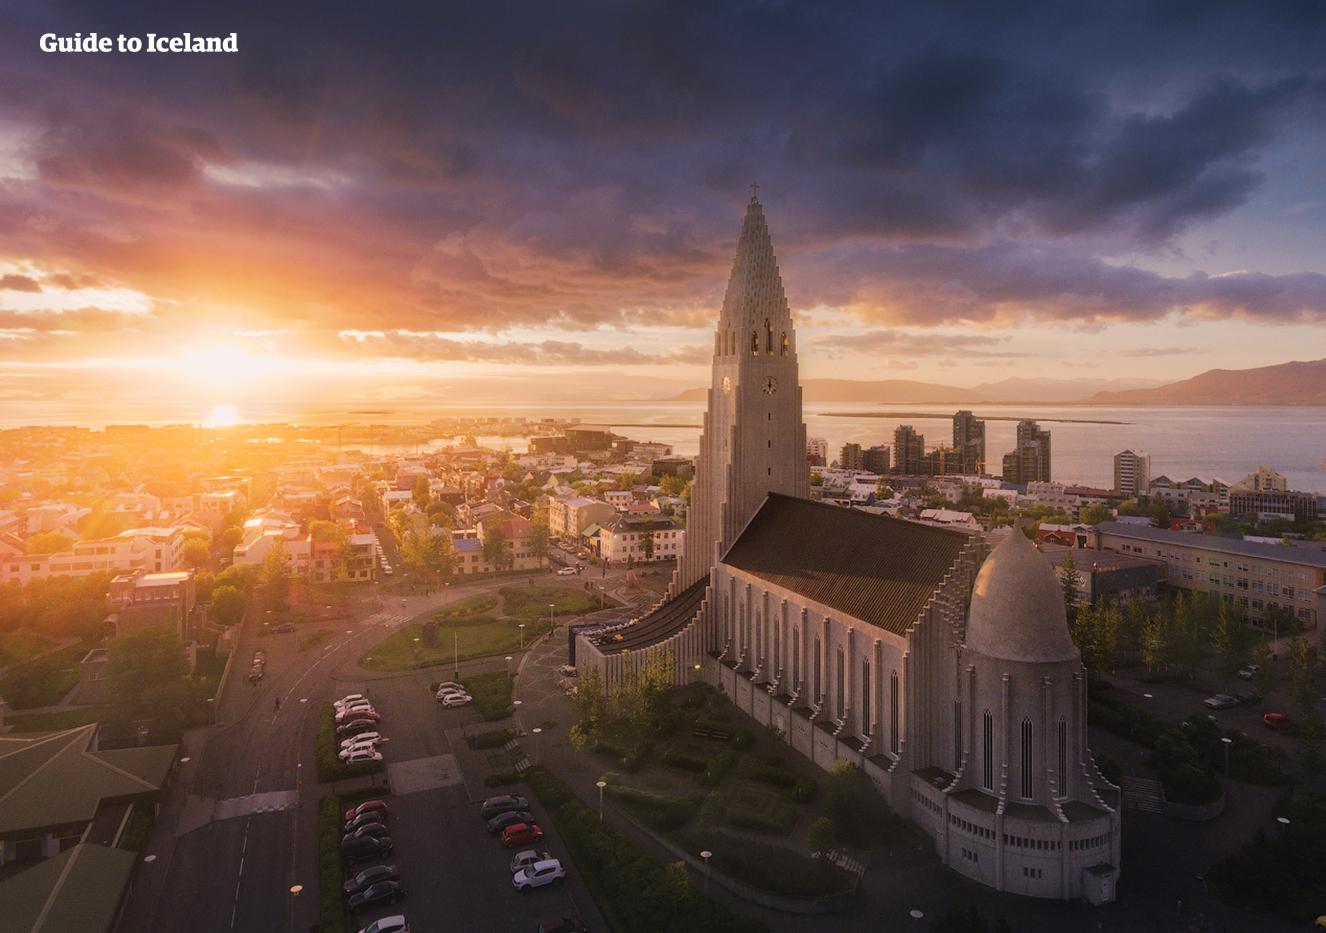 雷克雅未克是世界最北的首都